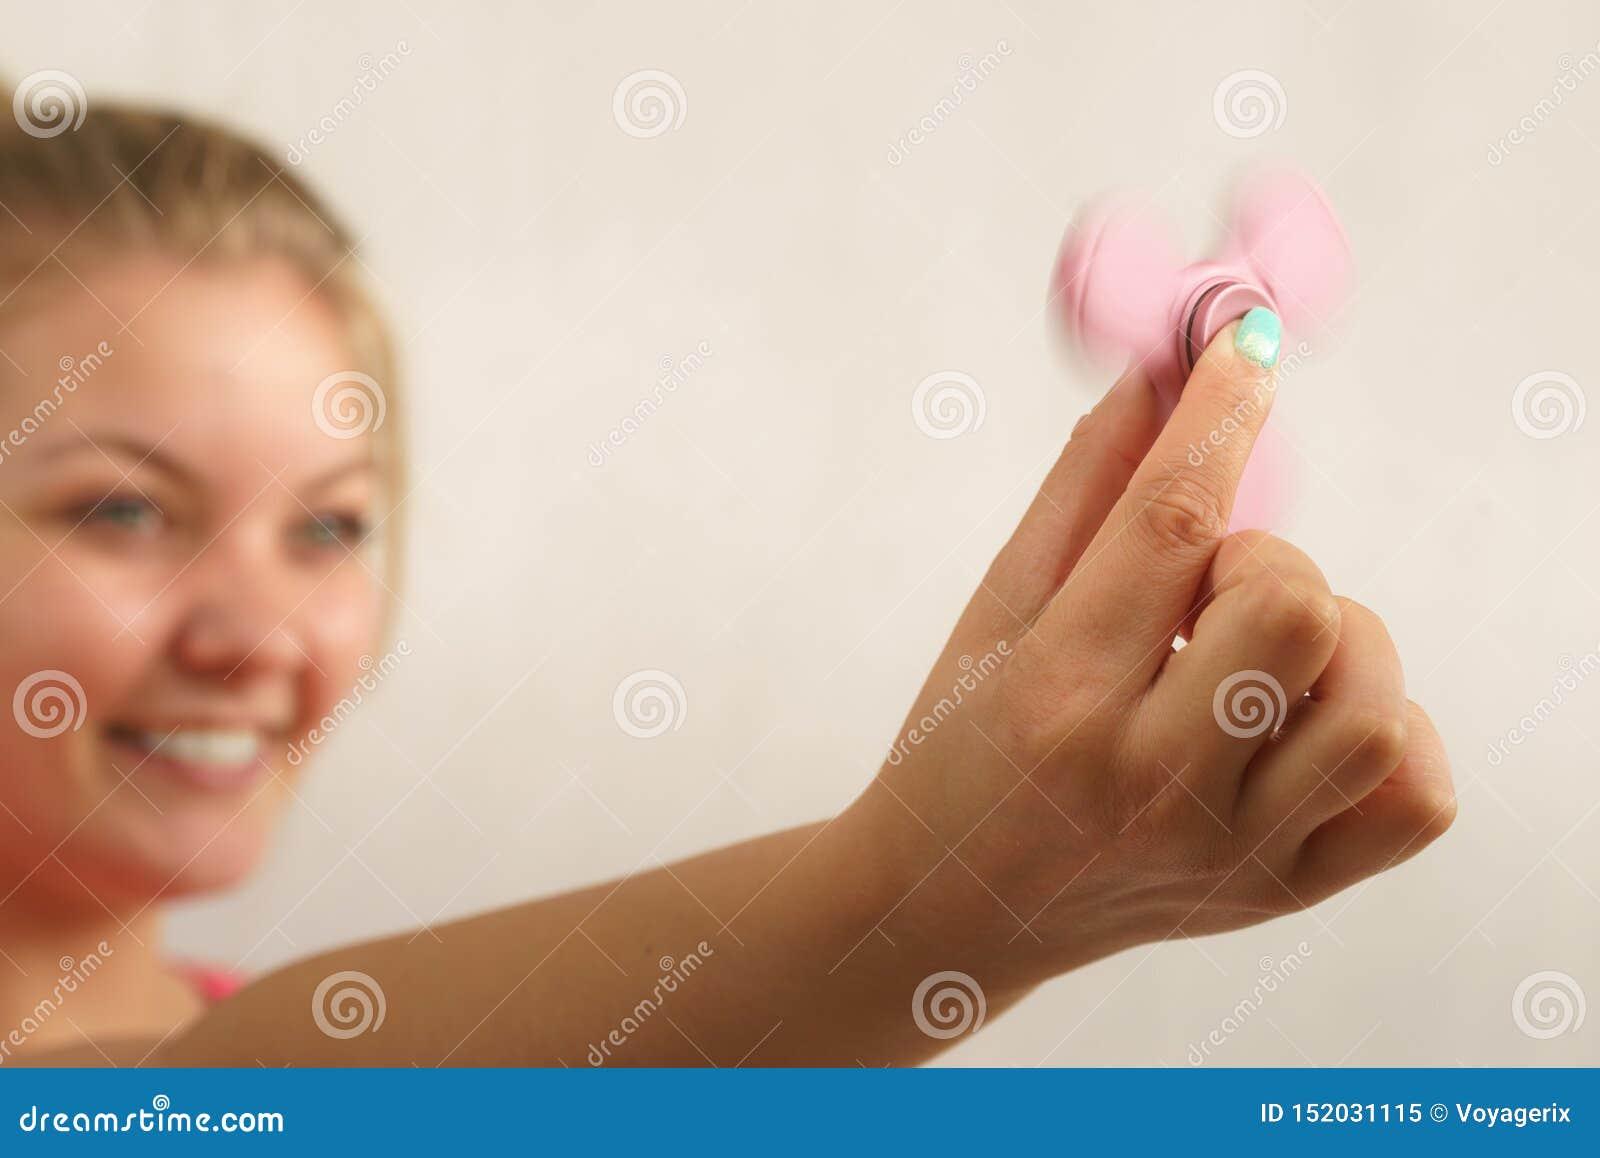 Fidget spinner rotating in female hand